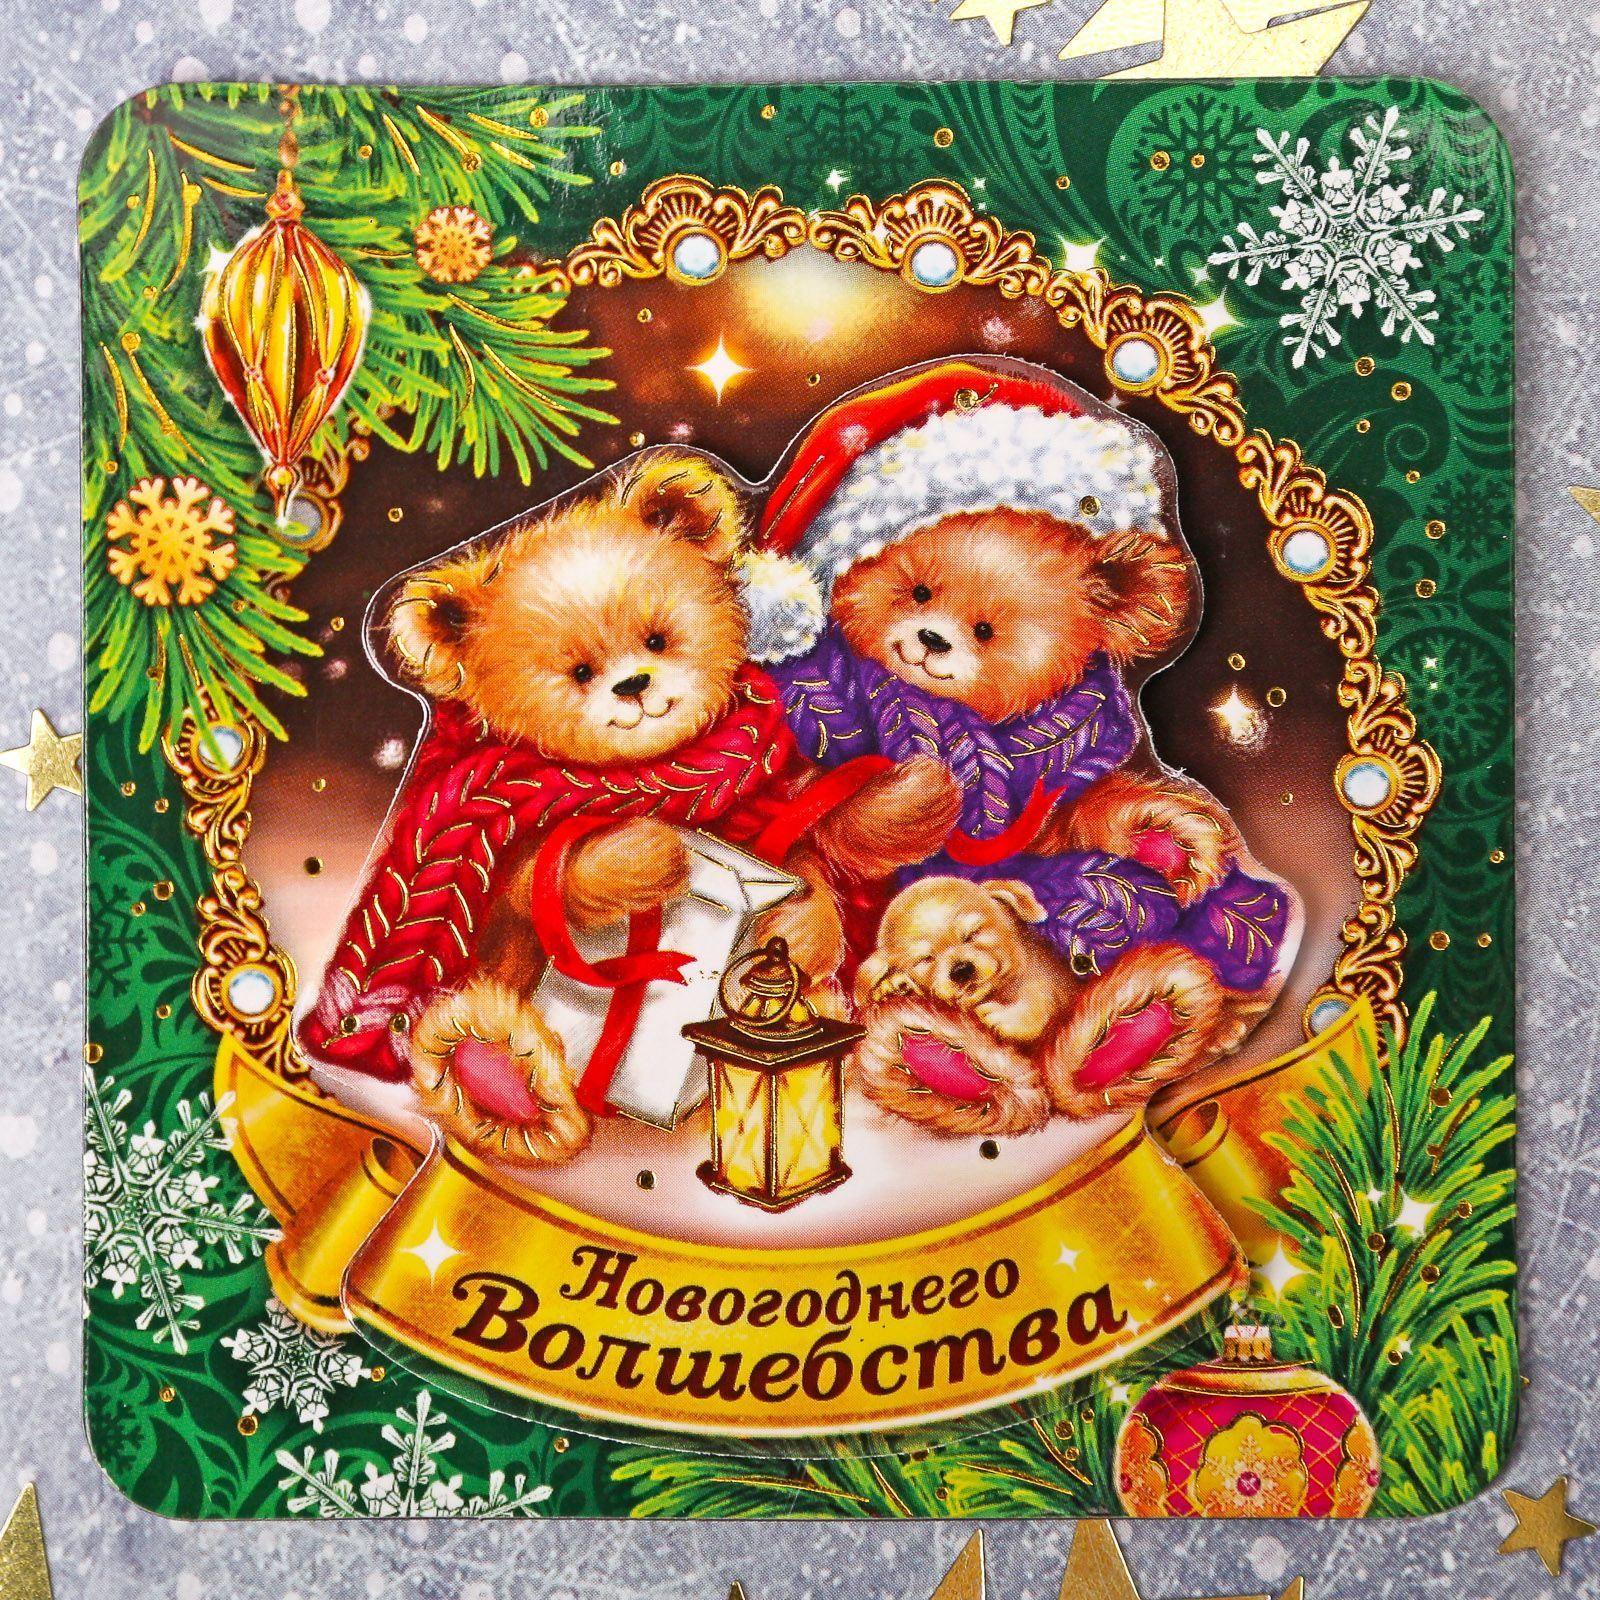 Магнит Sima-land Новогоднего волшебства, 5,6 х 6,1 см2252404Порадуйте родных и близких оригинальным сувениром: преподнесите в подарок магнит. С ним даже самый серьёзный человек почувствует себя ребёнком, ожидающим чудо! Создайте праздничное настроение, и оно останется с вами на весь год.